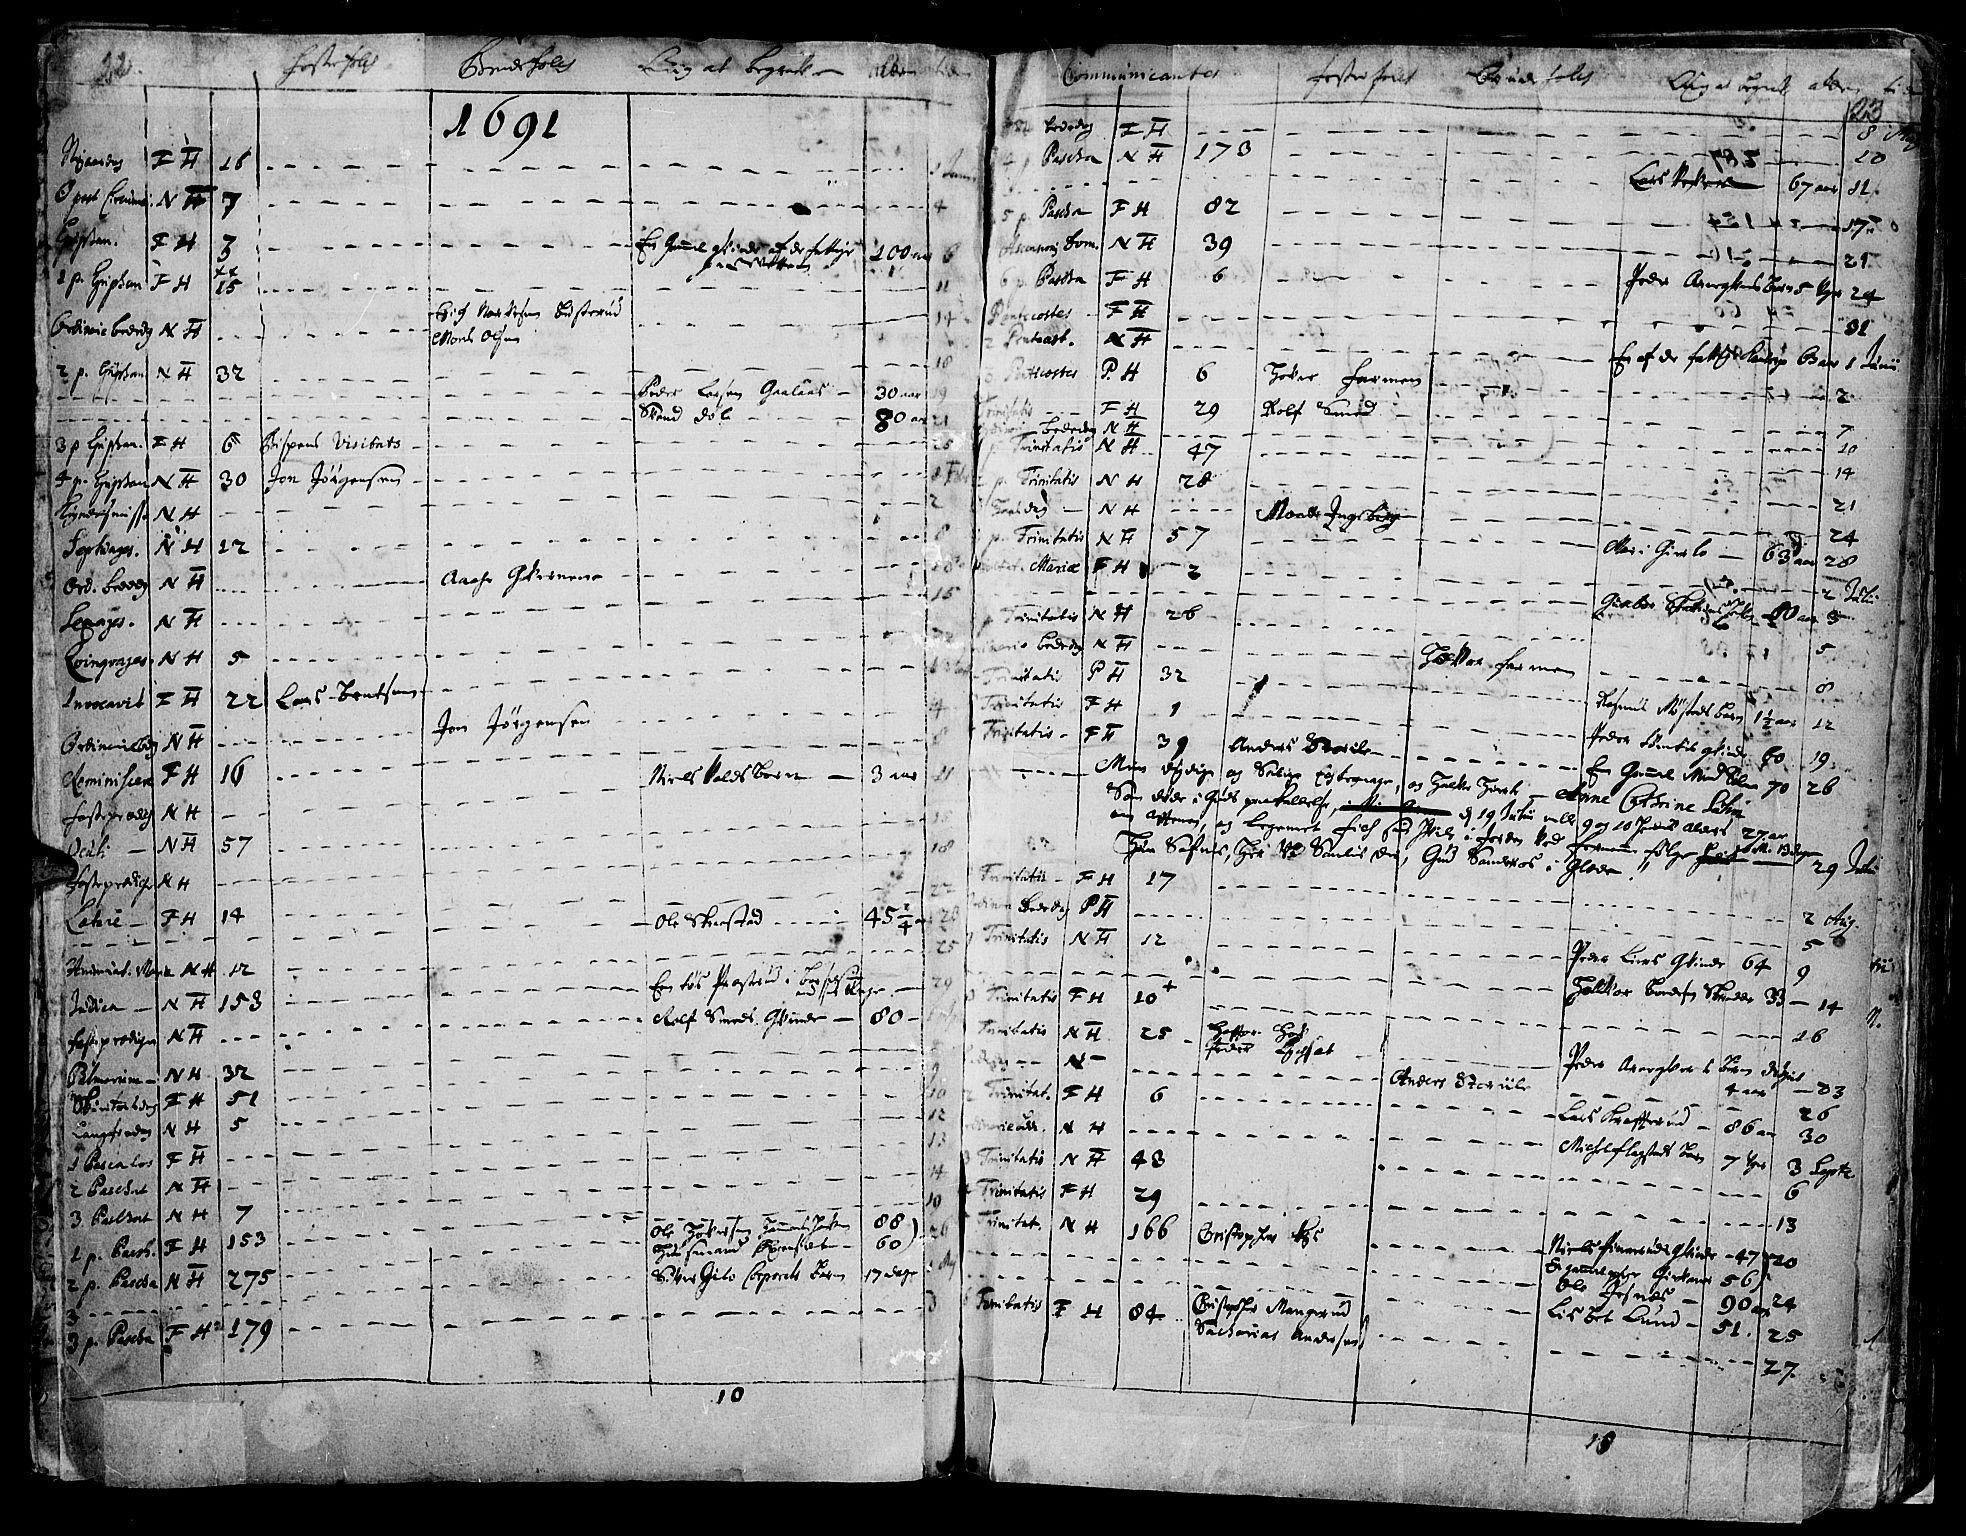 SAH, Vang prestekontor, Hedmark, H/Ha/Haa/L0001: Ministerialbok nr. 1, 1683-1713, s. 22-23